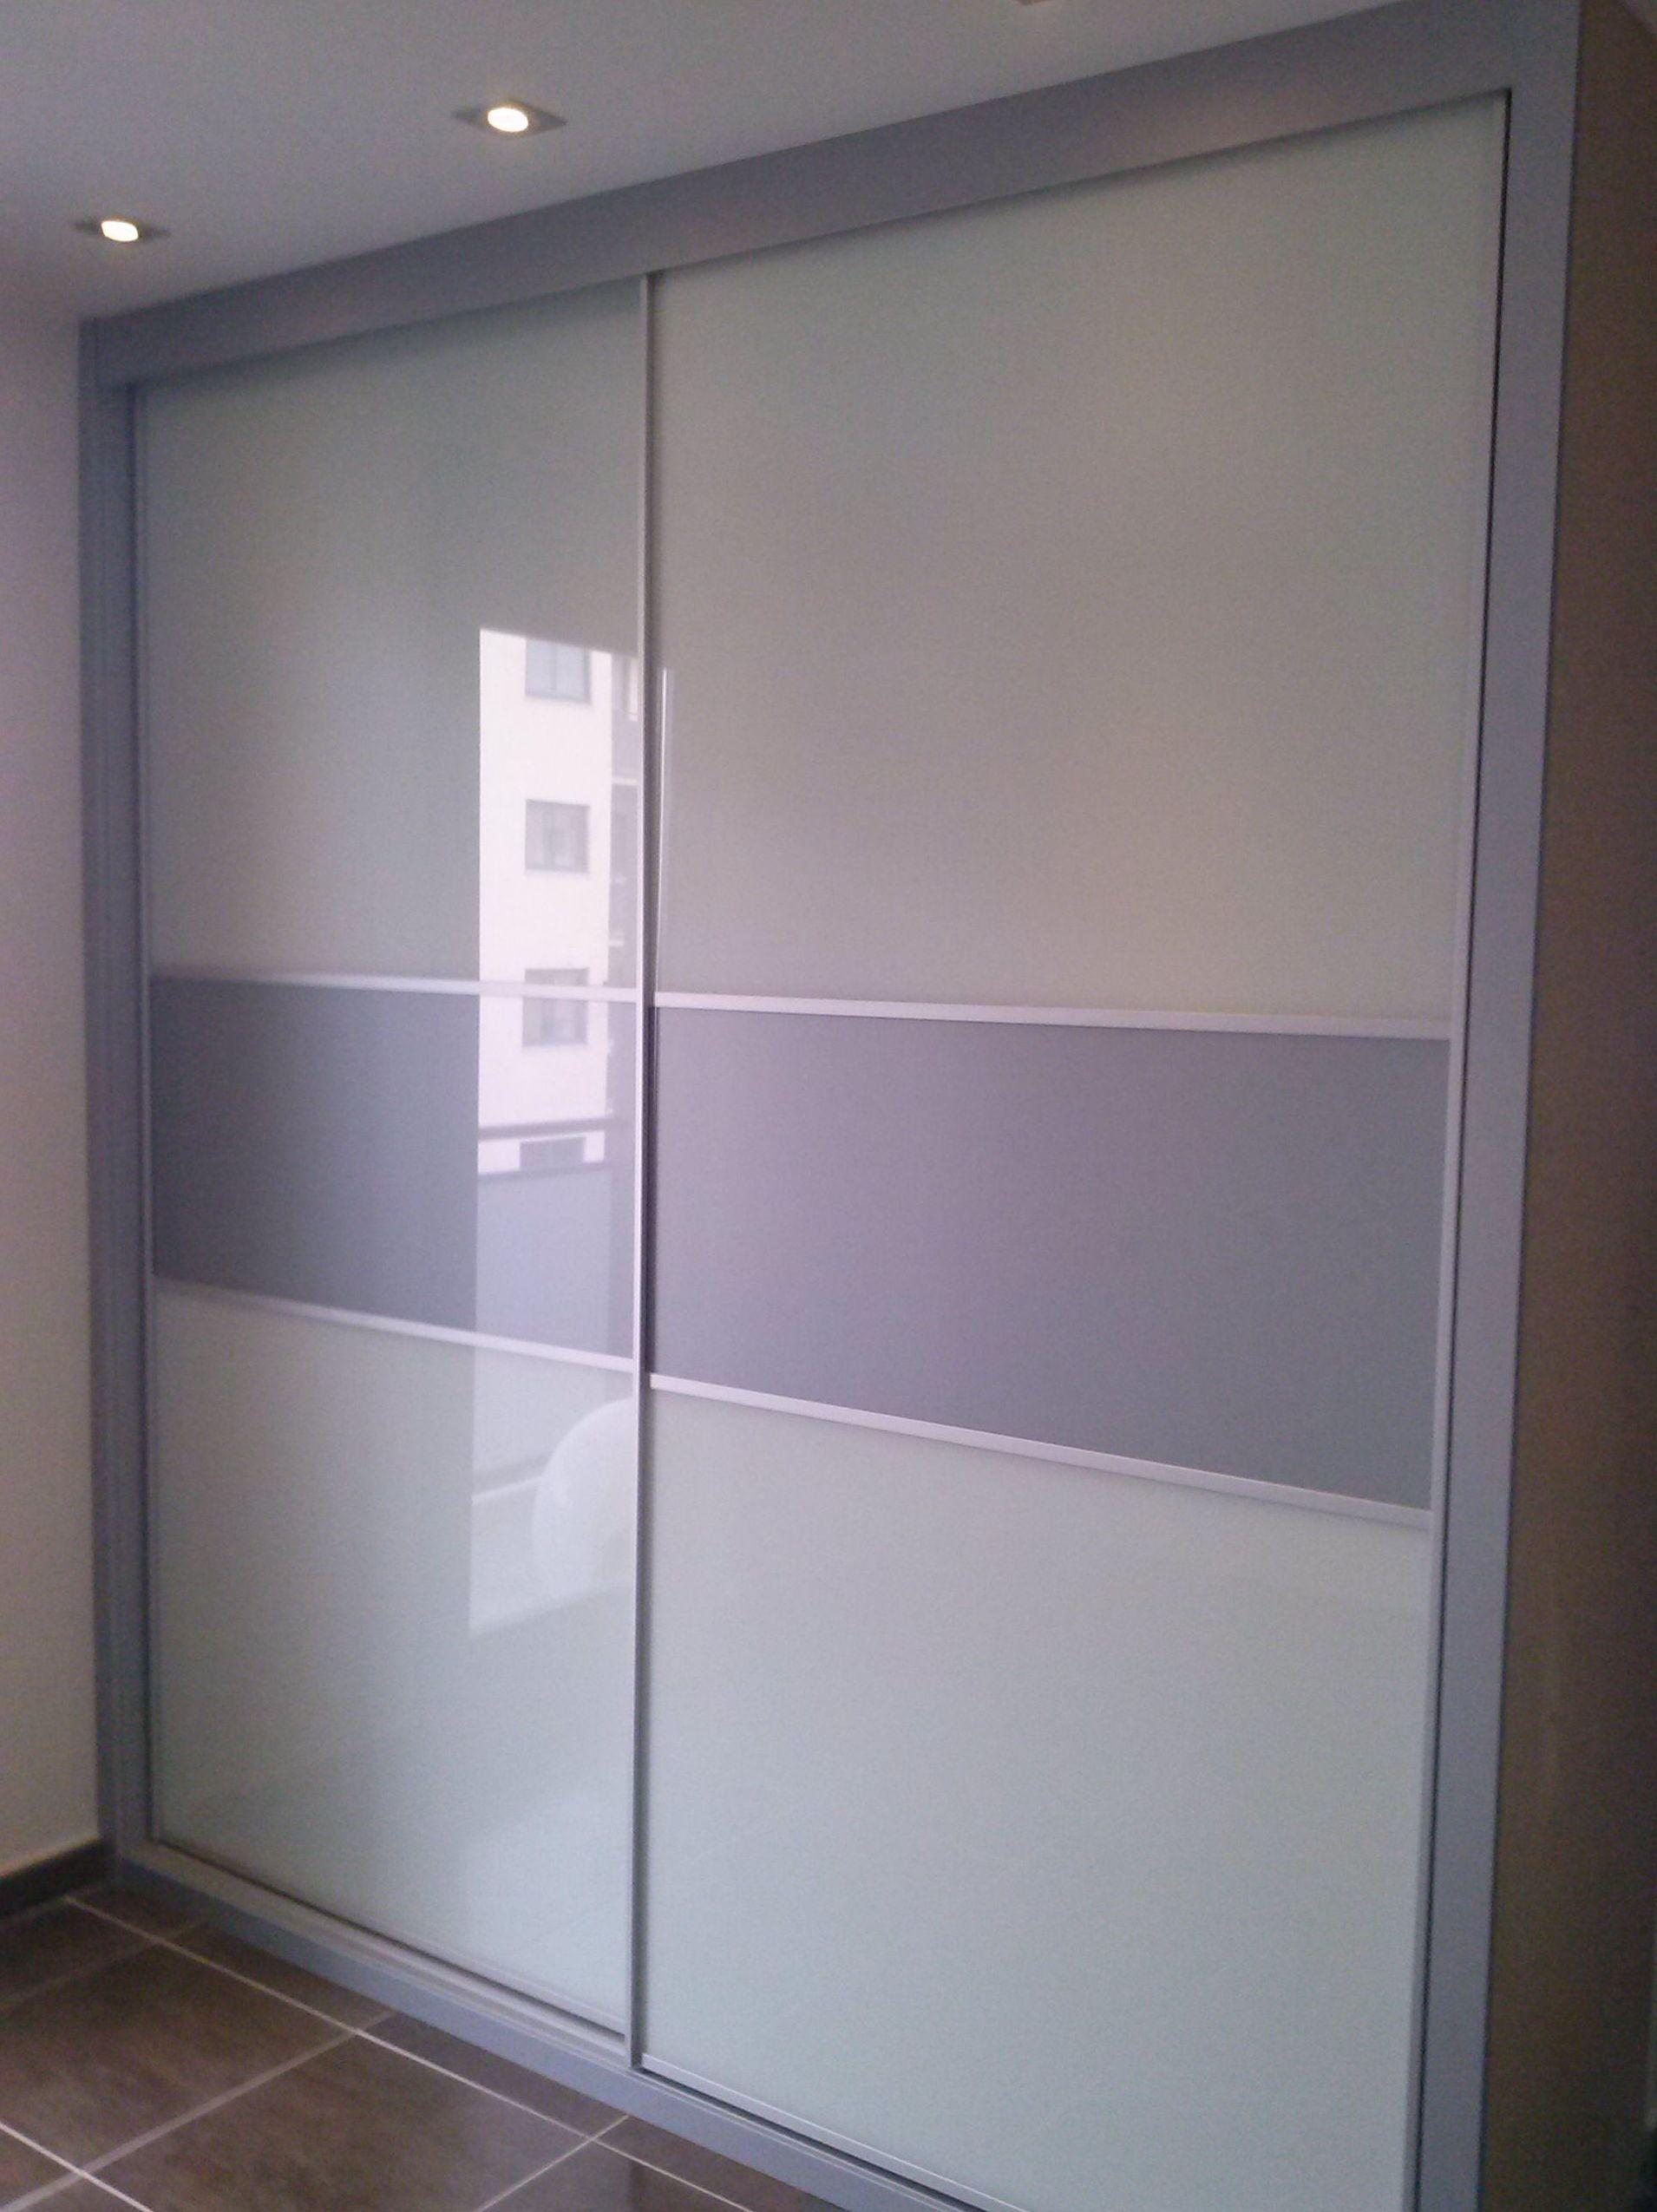 Puertas de armarios trendy armarios puertas montaje - Montaje armario empotrado ...